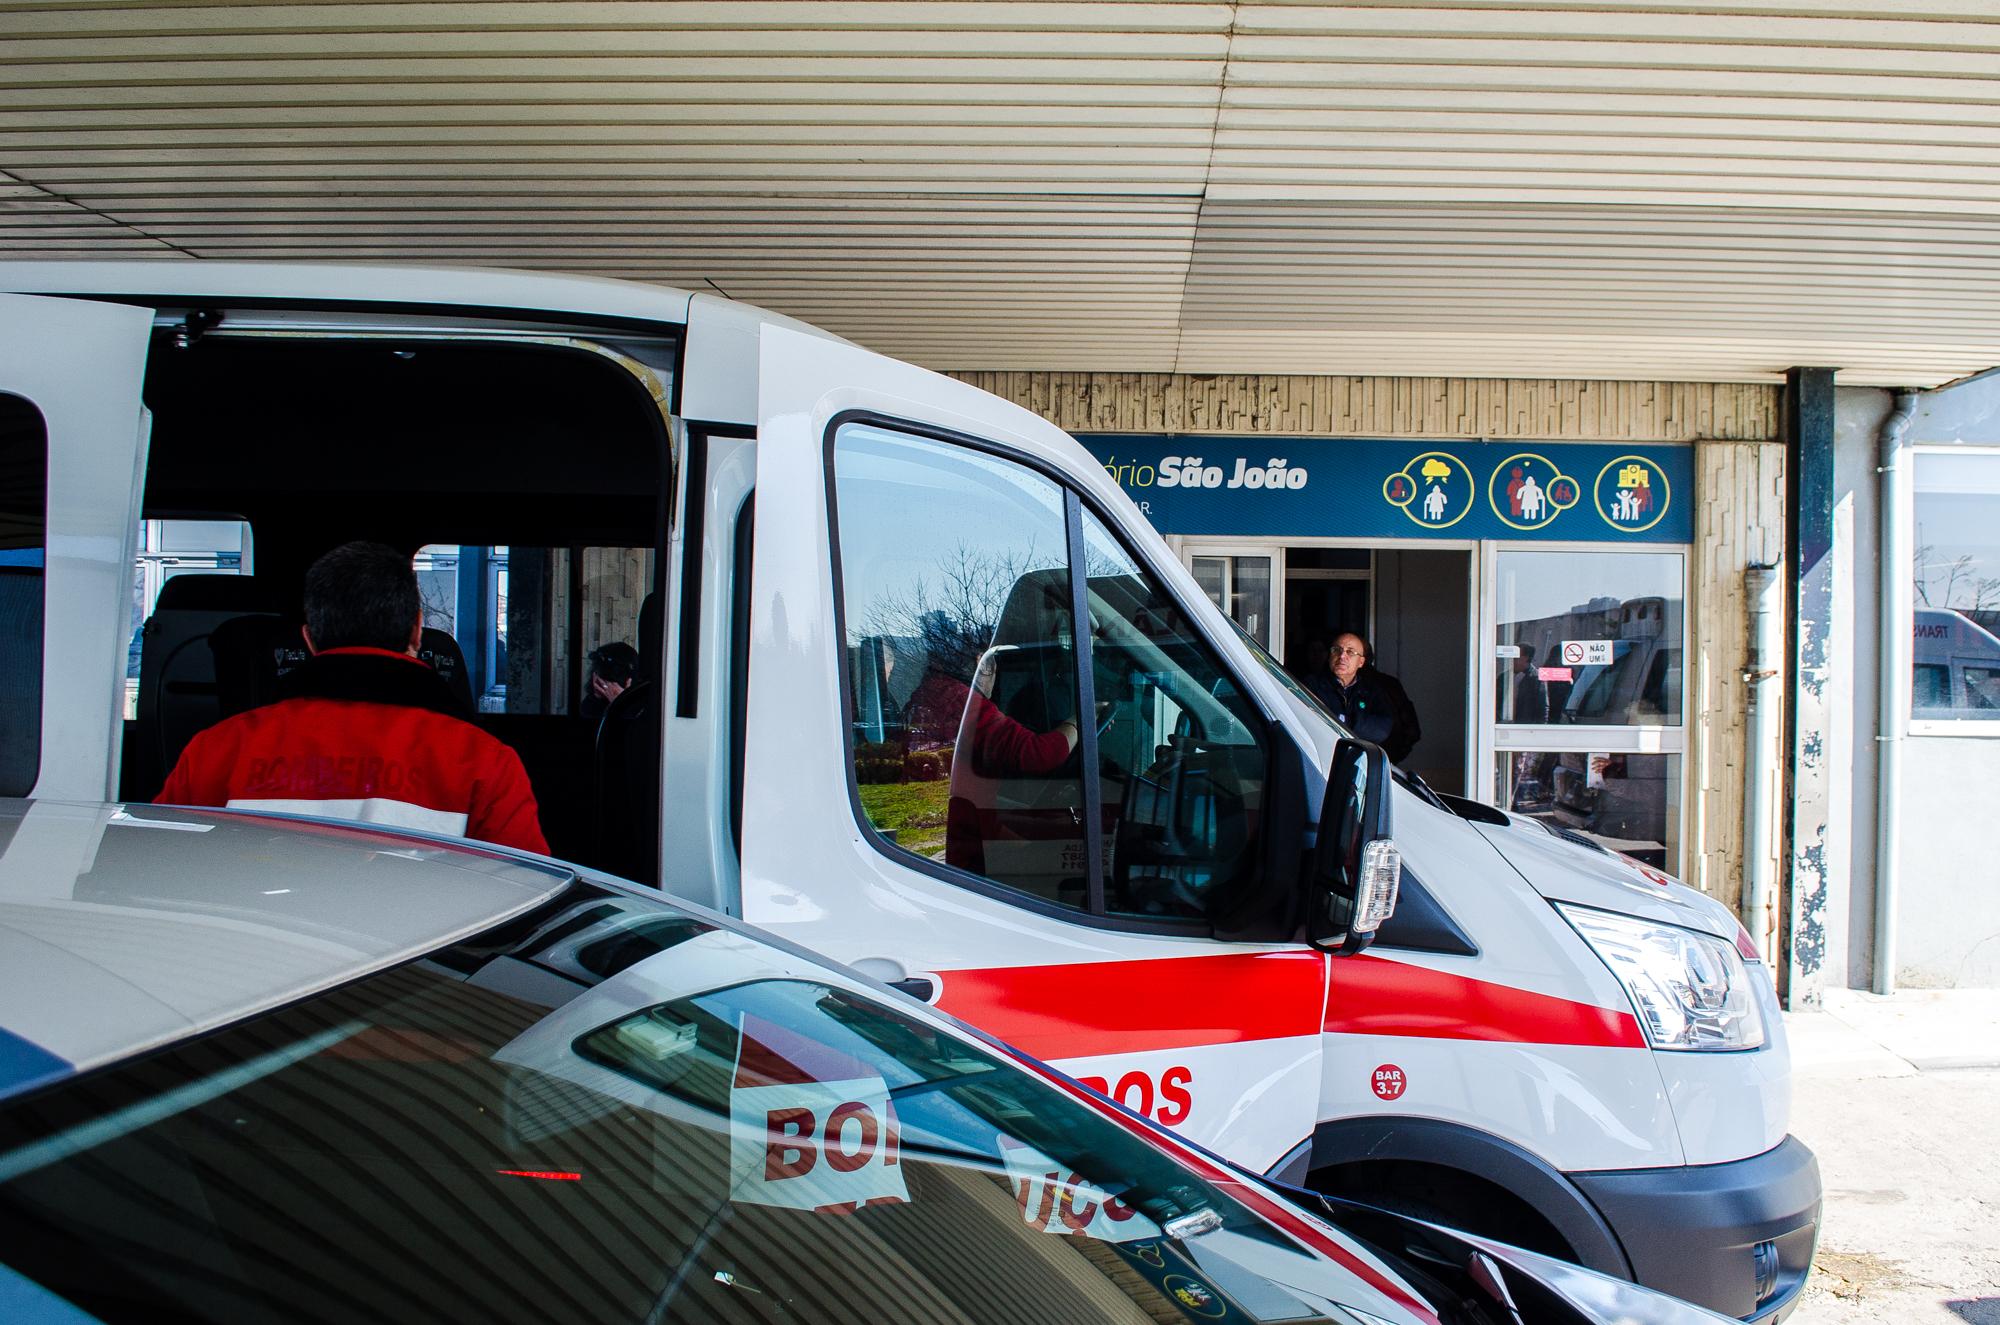 Adesão à greve no Hospital de São João rondou os 72% no final da manhã.